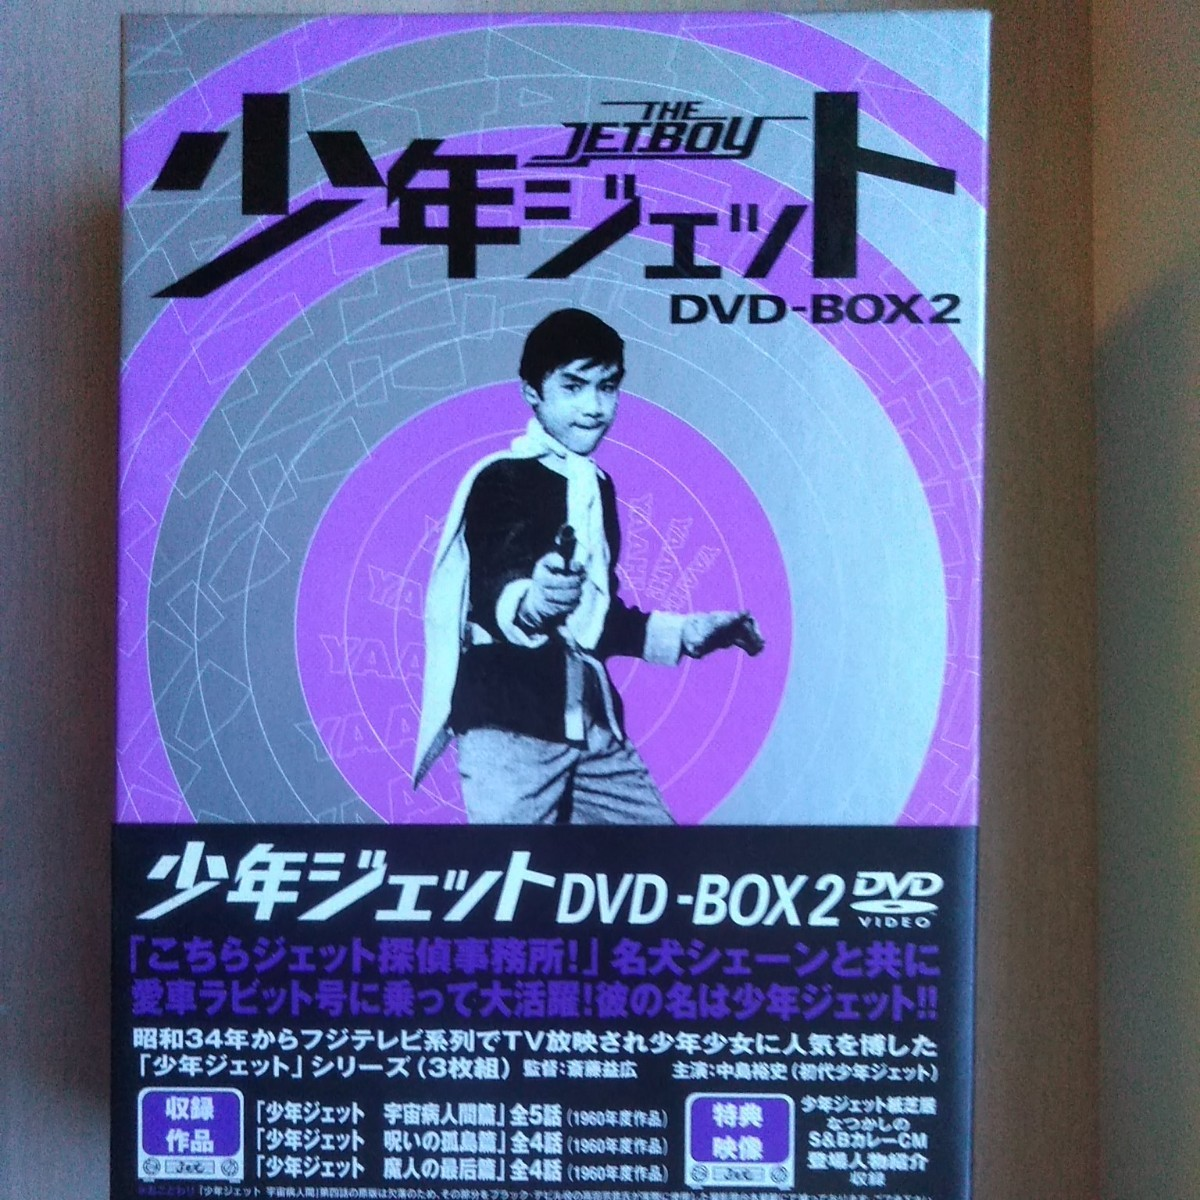 中古特撮DVD 限定 少年ジェット DVD-BOX(2)